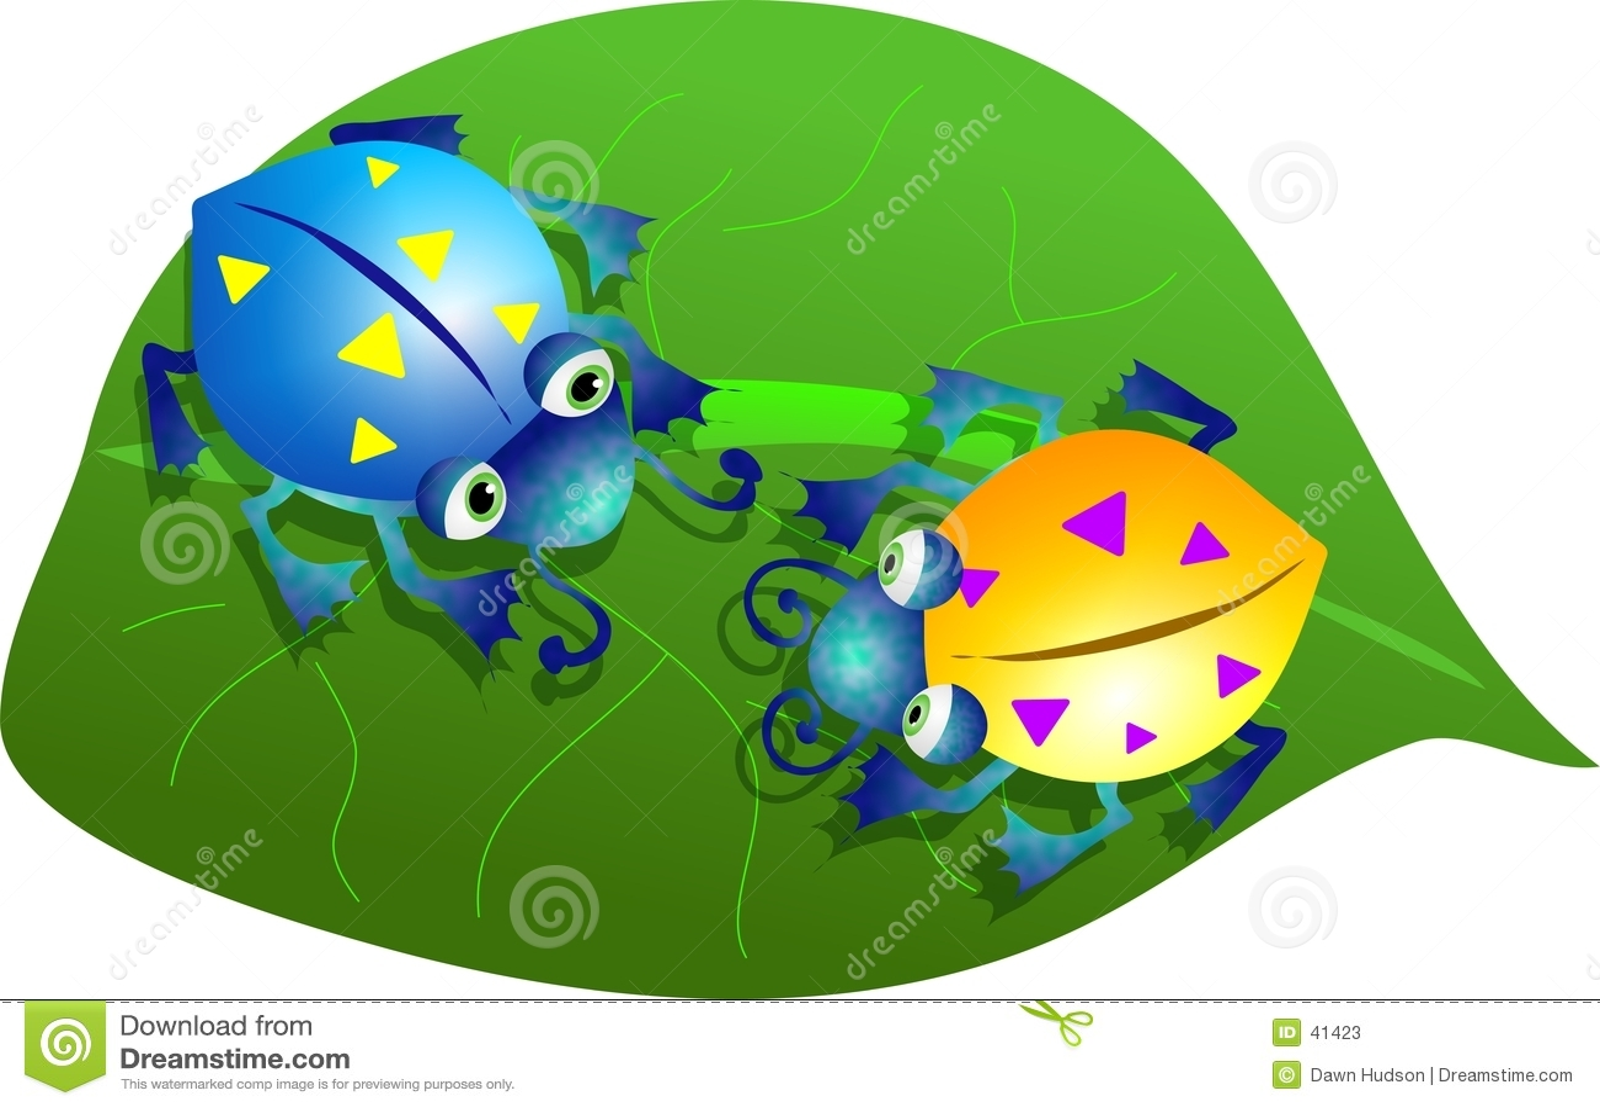 Download Fallos De Funcionamiento De Hoja Stock de ilustración - Ilustración de animales, cubo: 41423